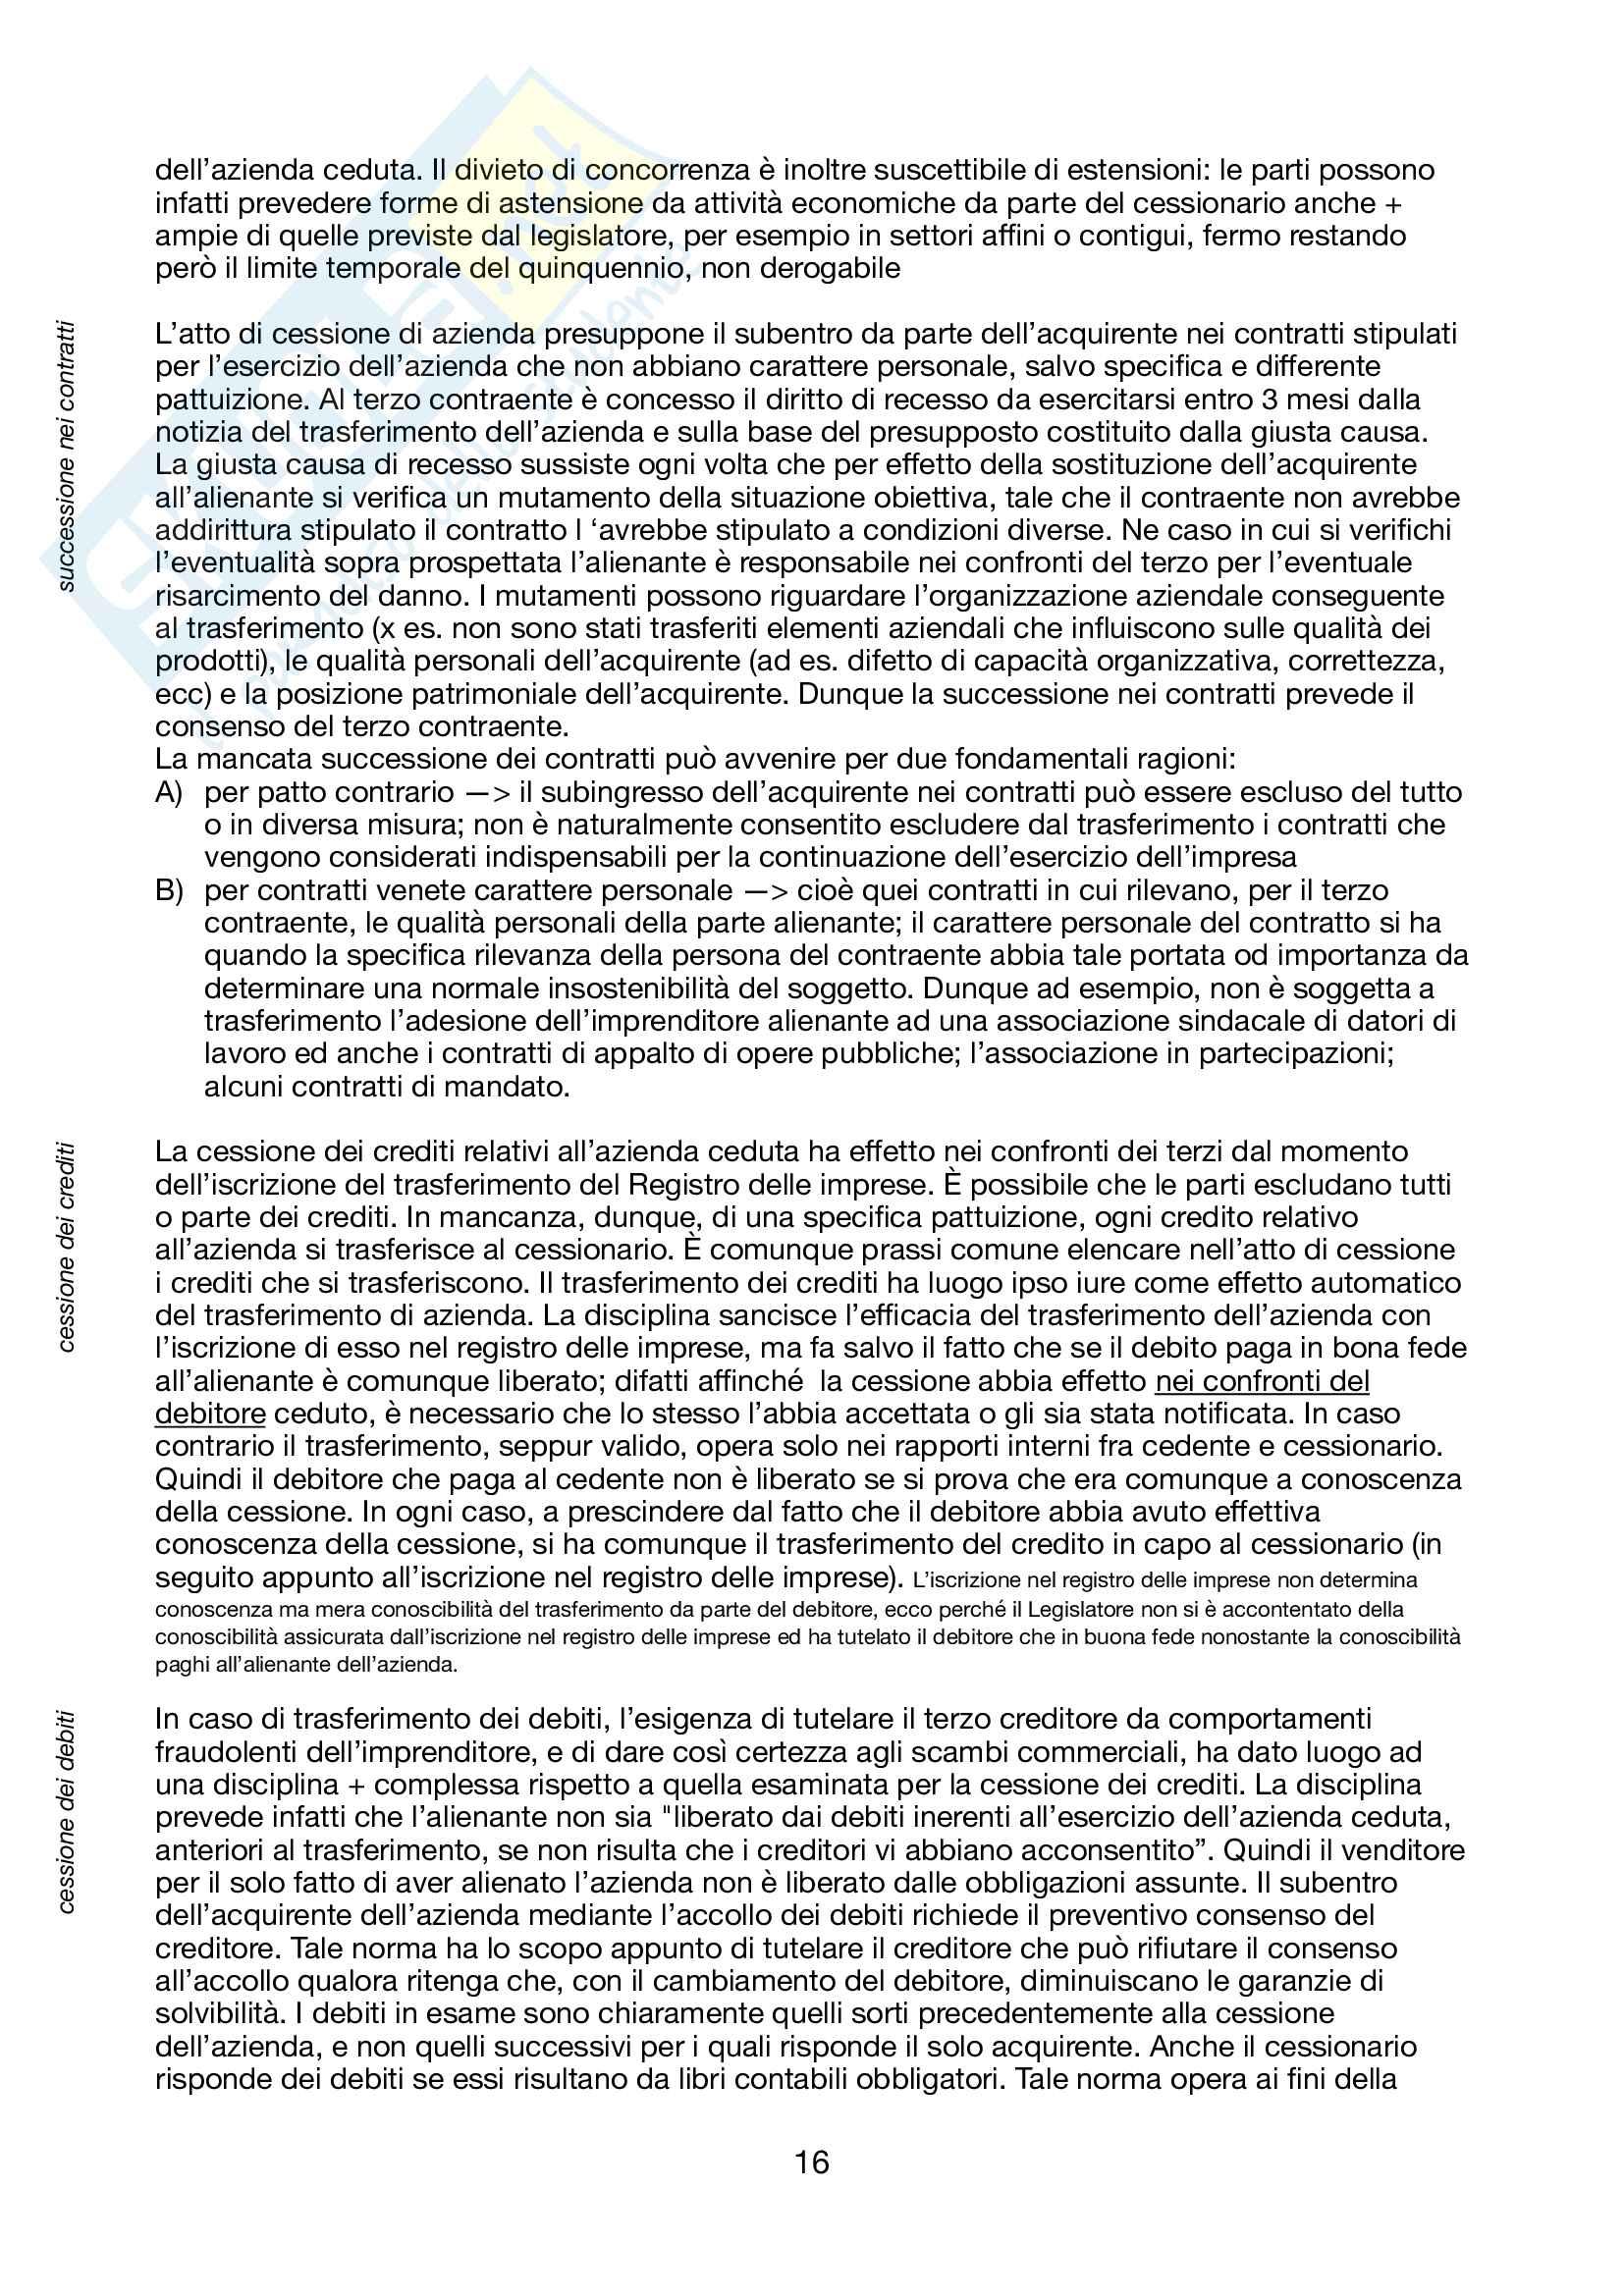 Riassunto esame di Operazioni di Gestione Straordinaria, prof Savioli, libro consigliato Le operazioni di gestione straordinaria, Savioli Pag. 16